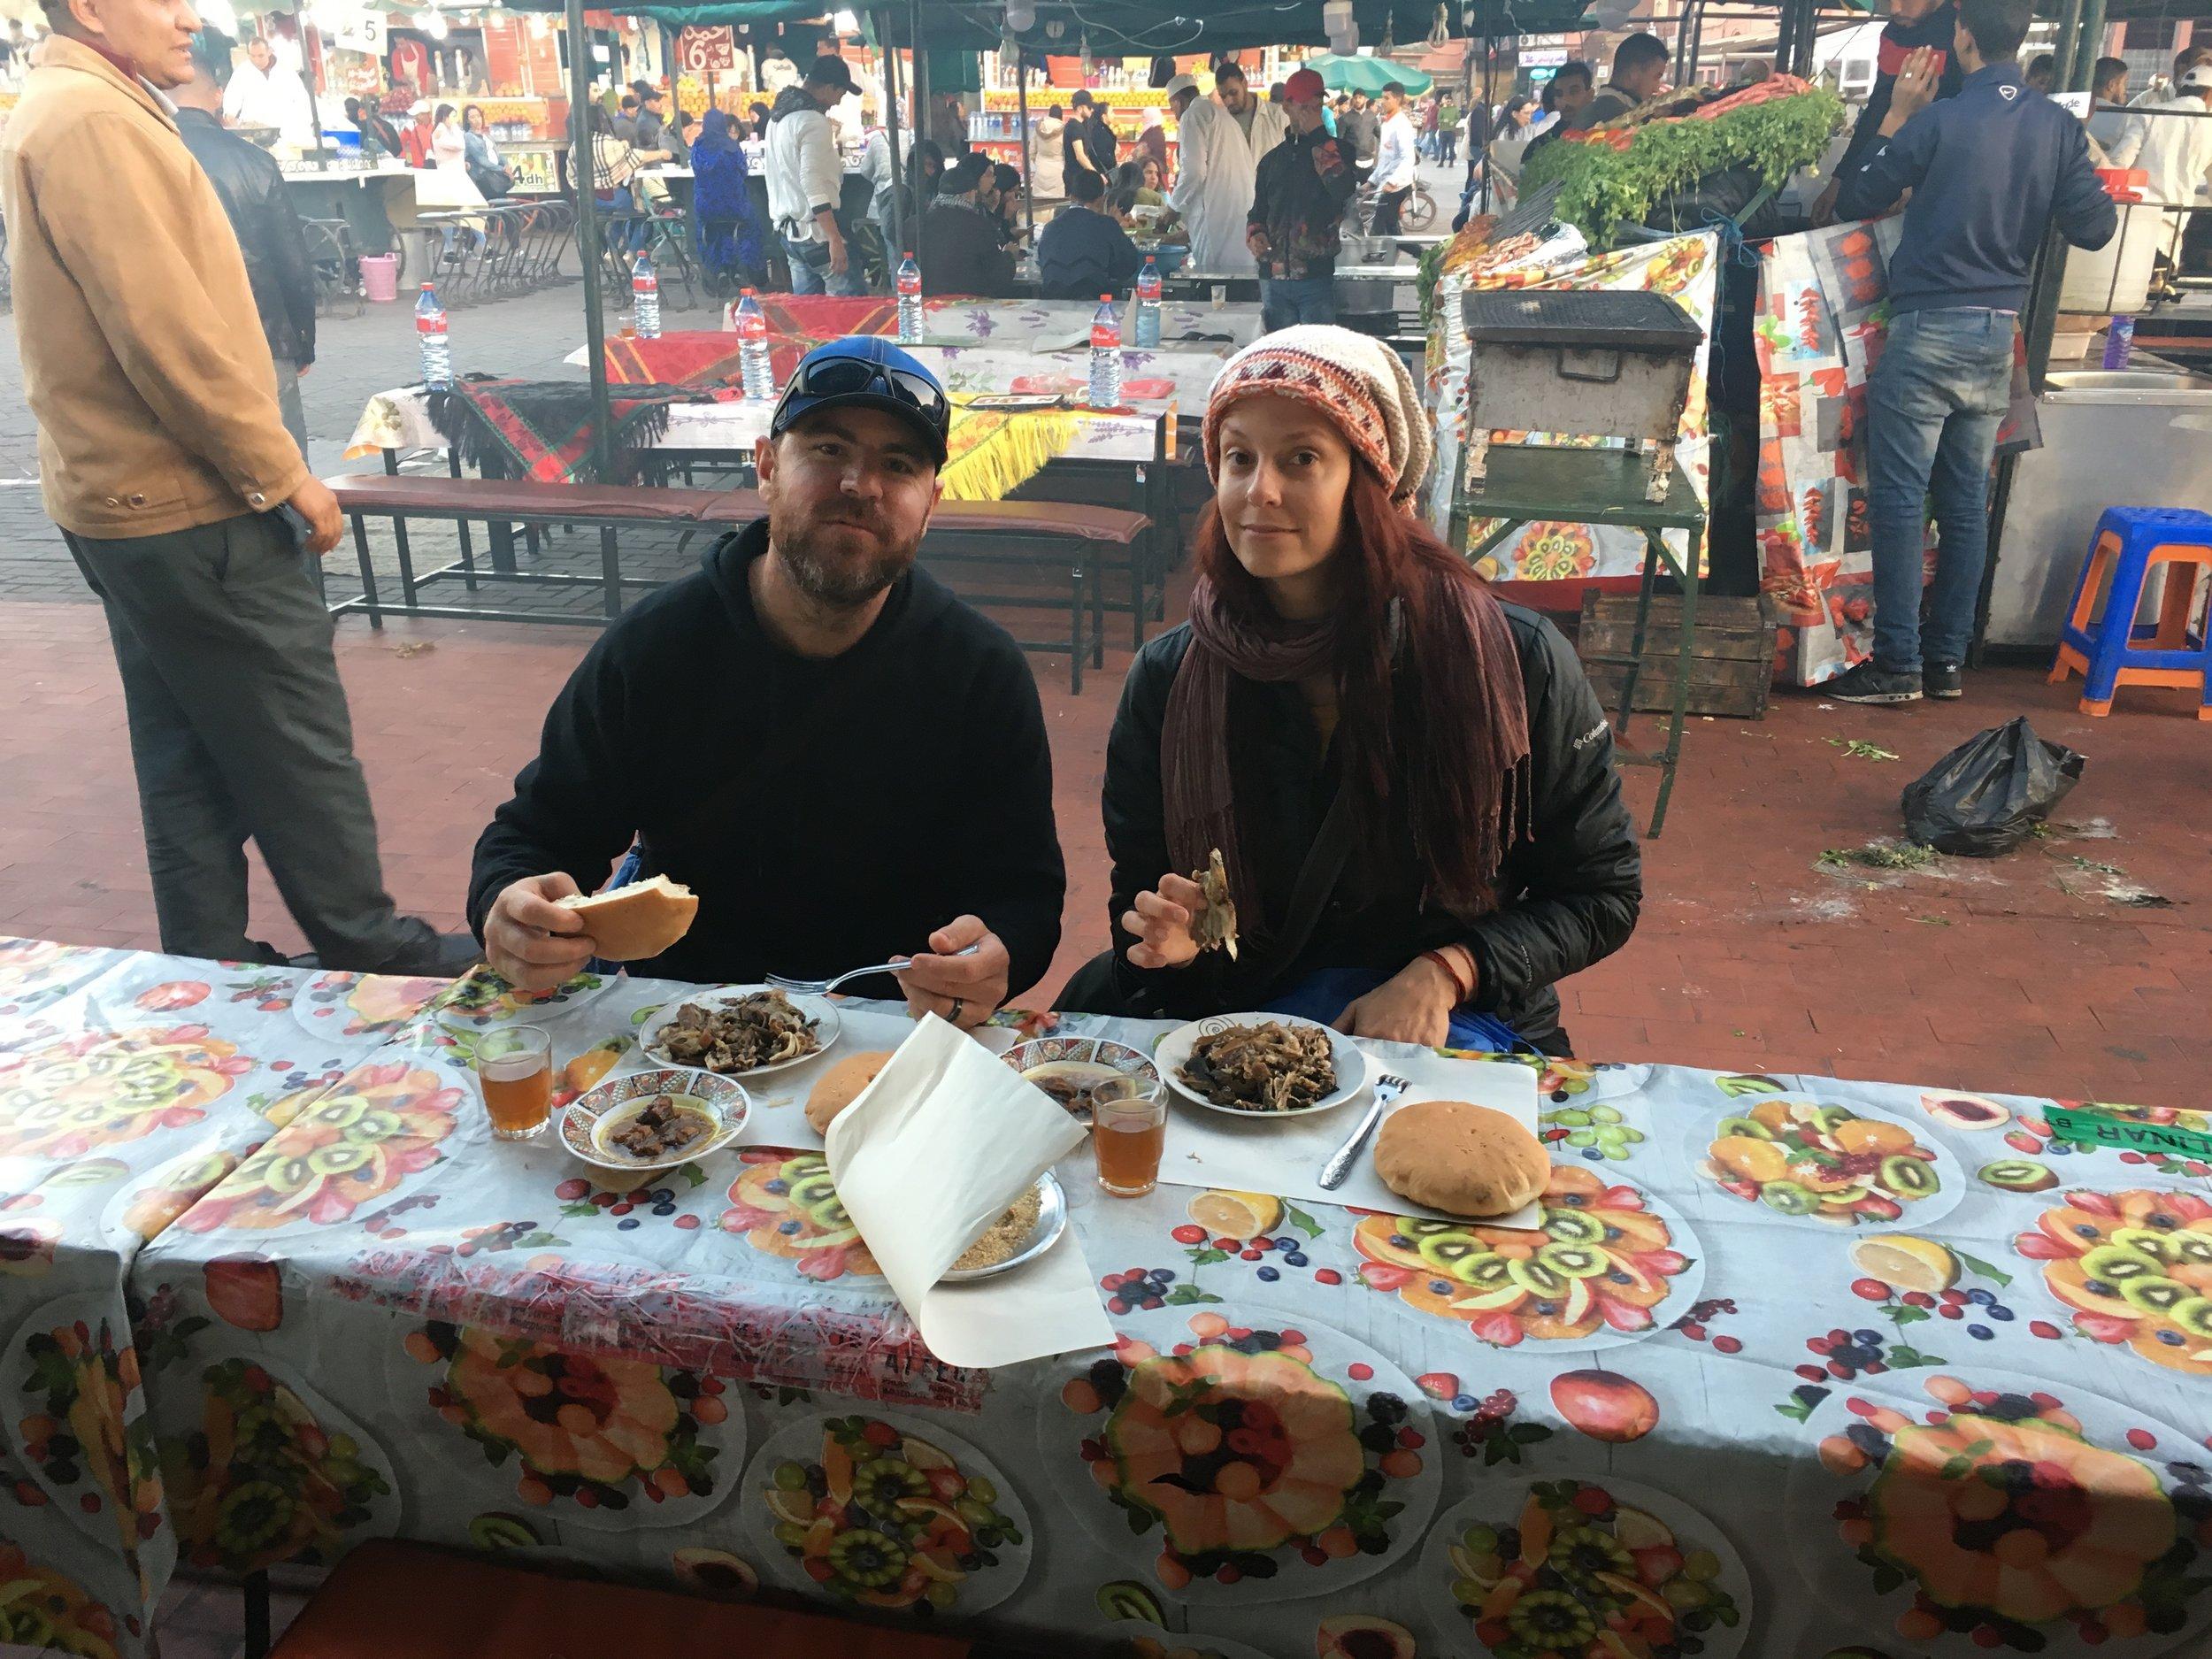 Street food Marrakech Morocco Medina Jemaa el-fnaa